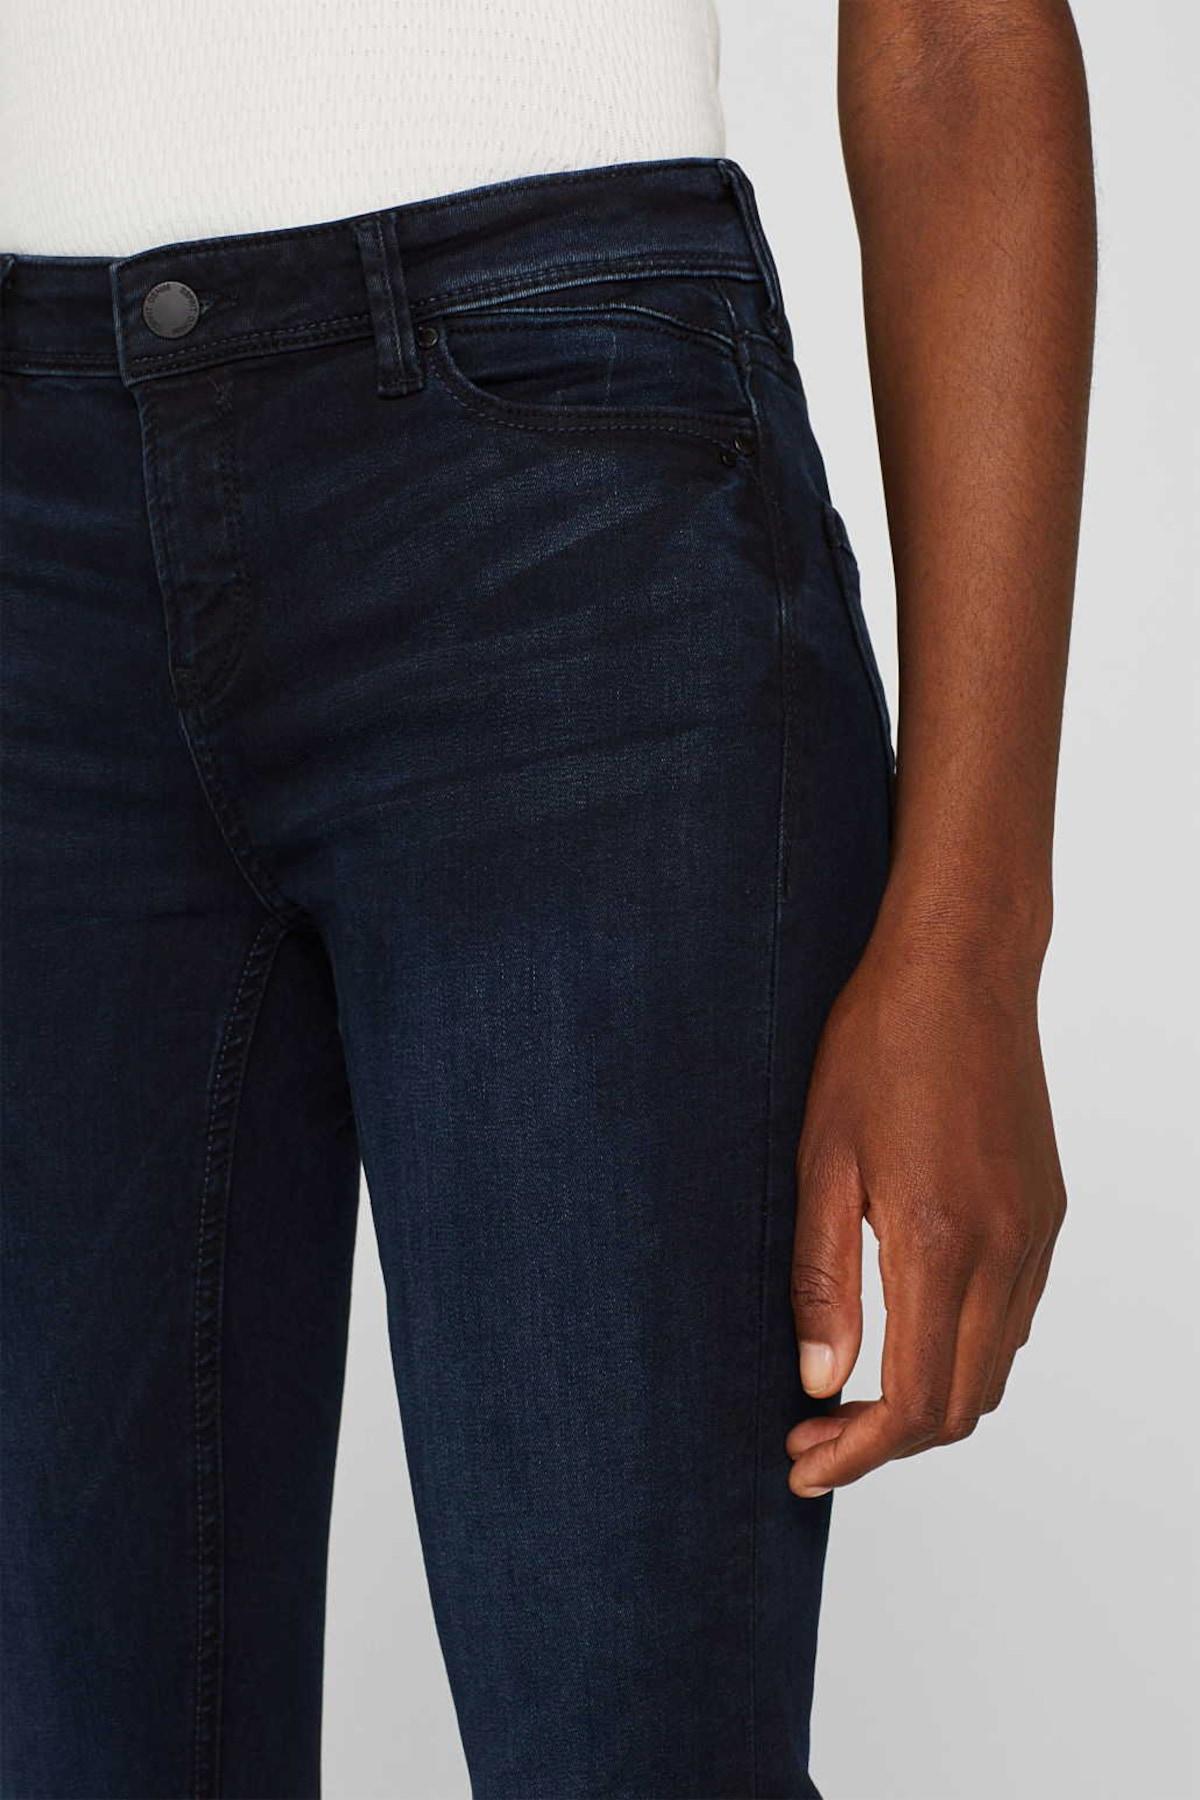 Beliebt Frauen Bekleidung ESPRIT Jeans in dunkelblau Zum Verkauf